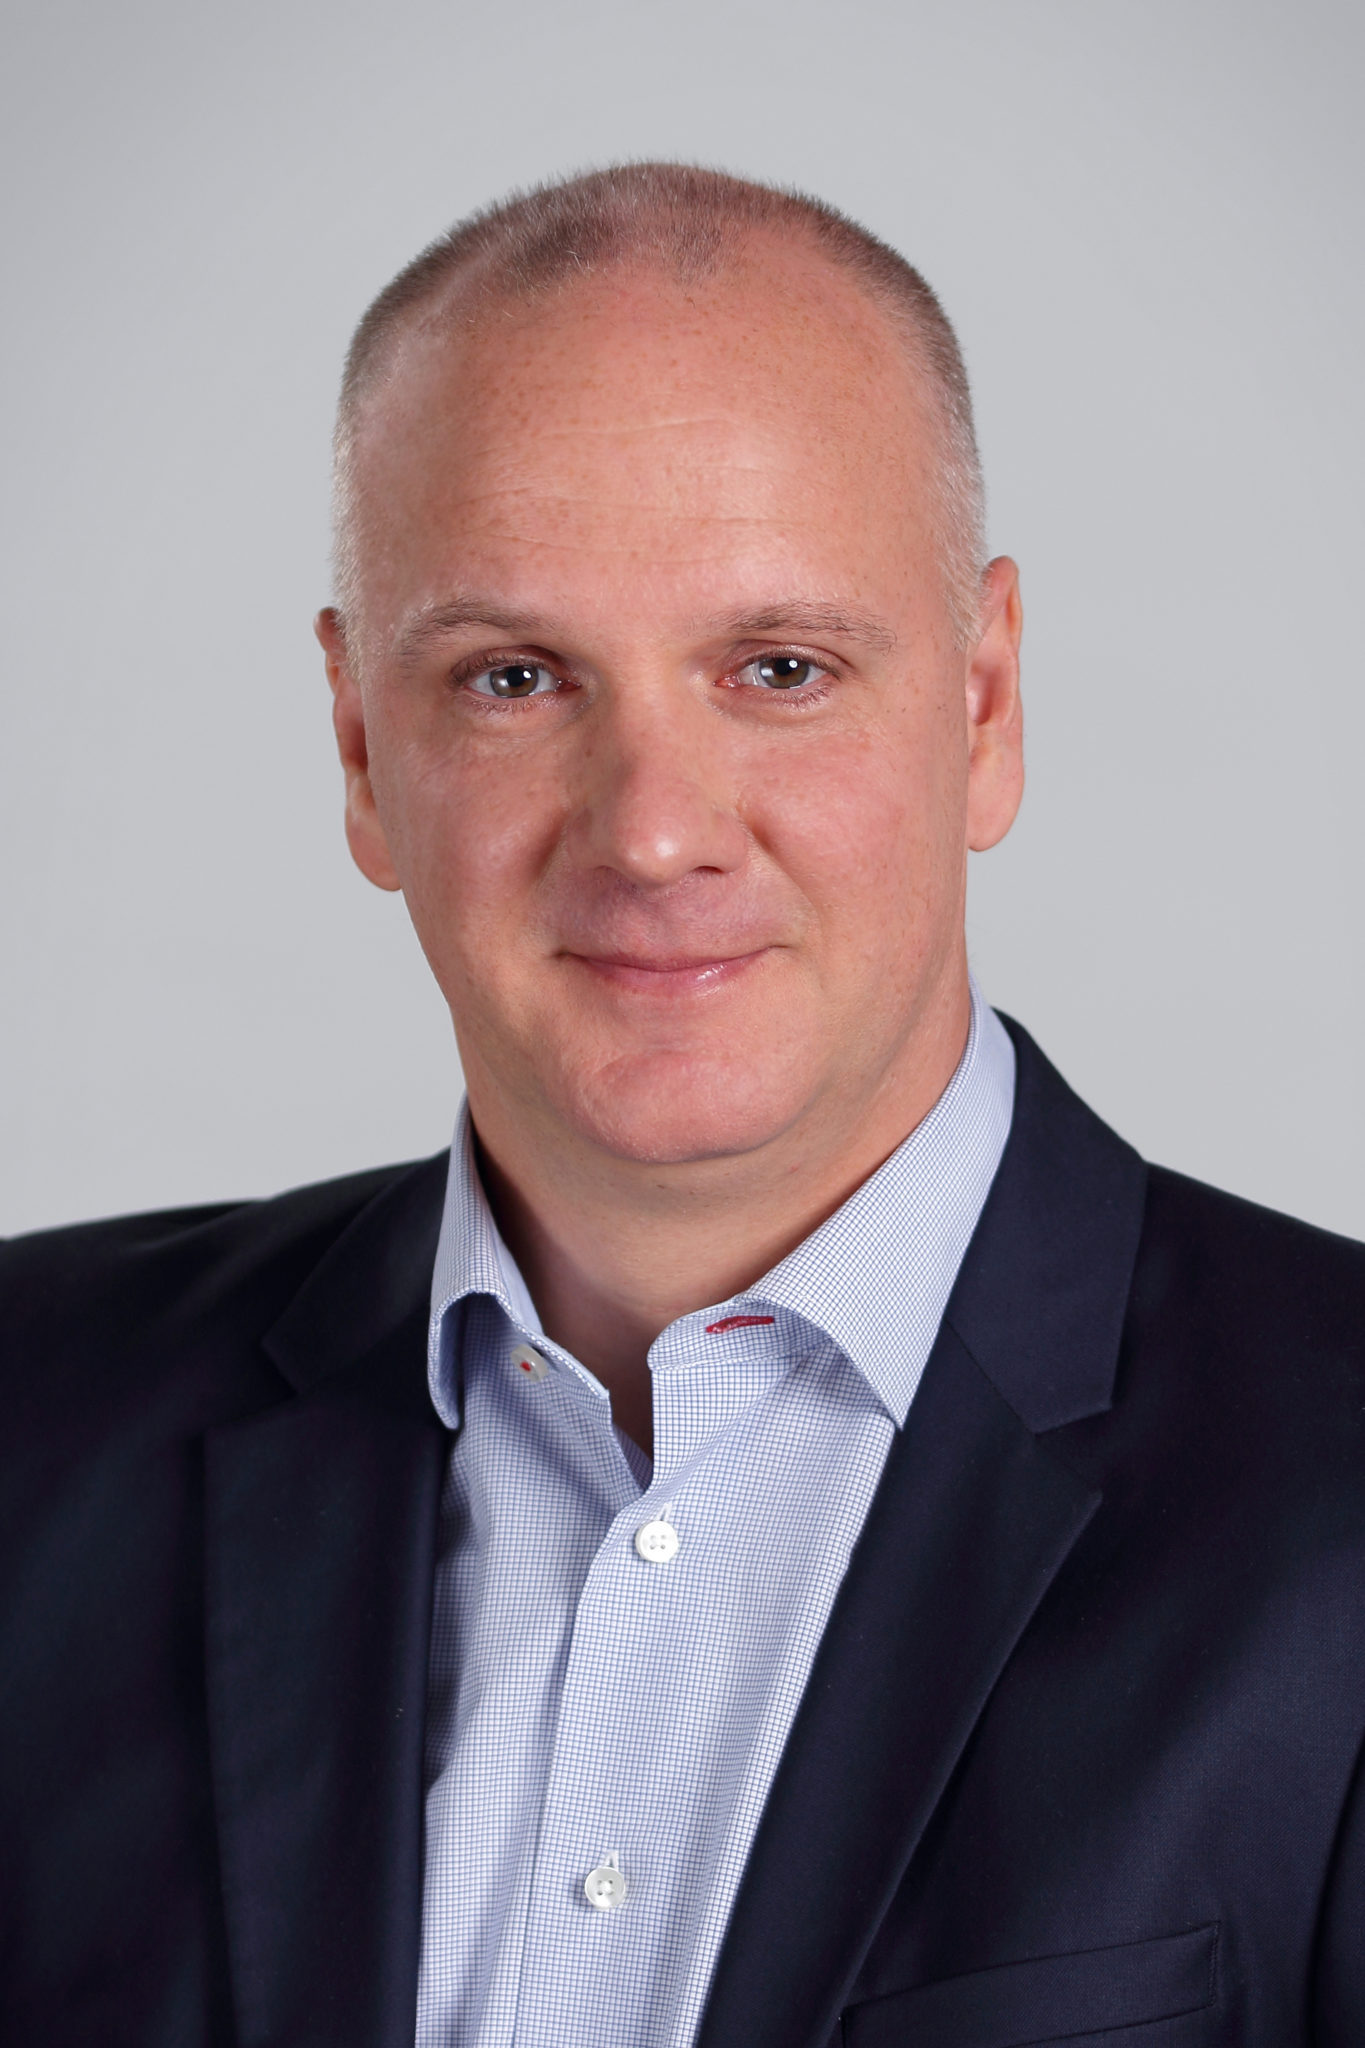 Székely György